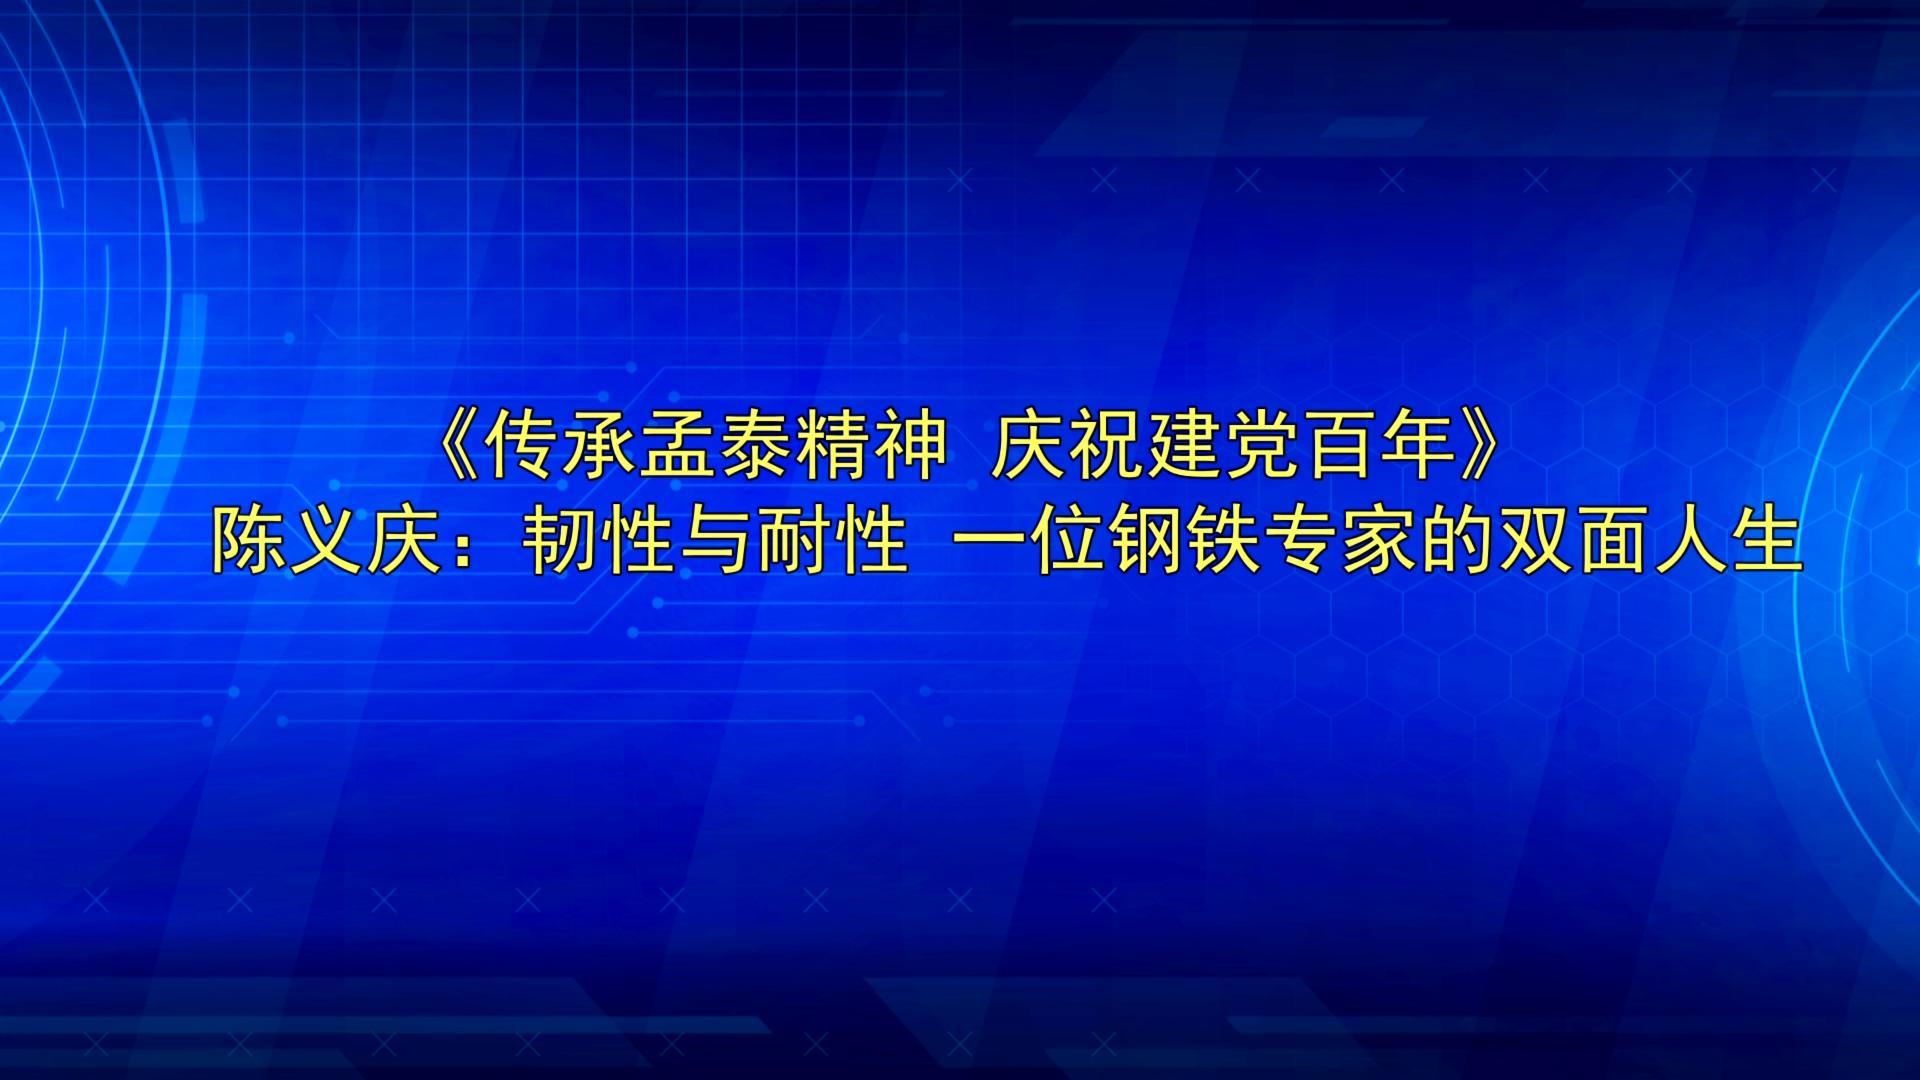 传承孟泰 陈义庆